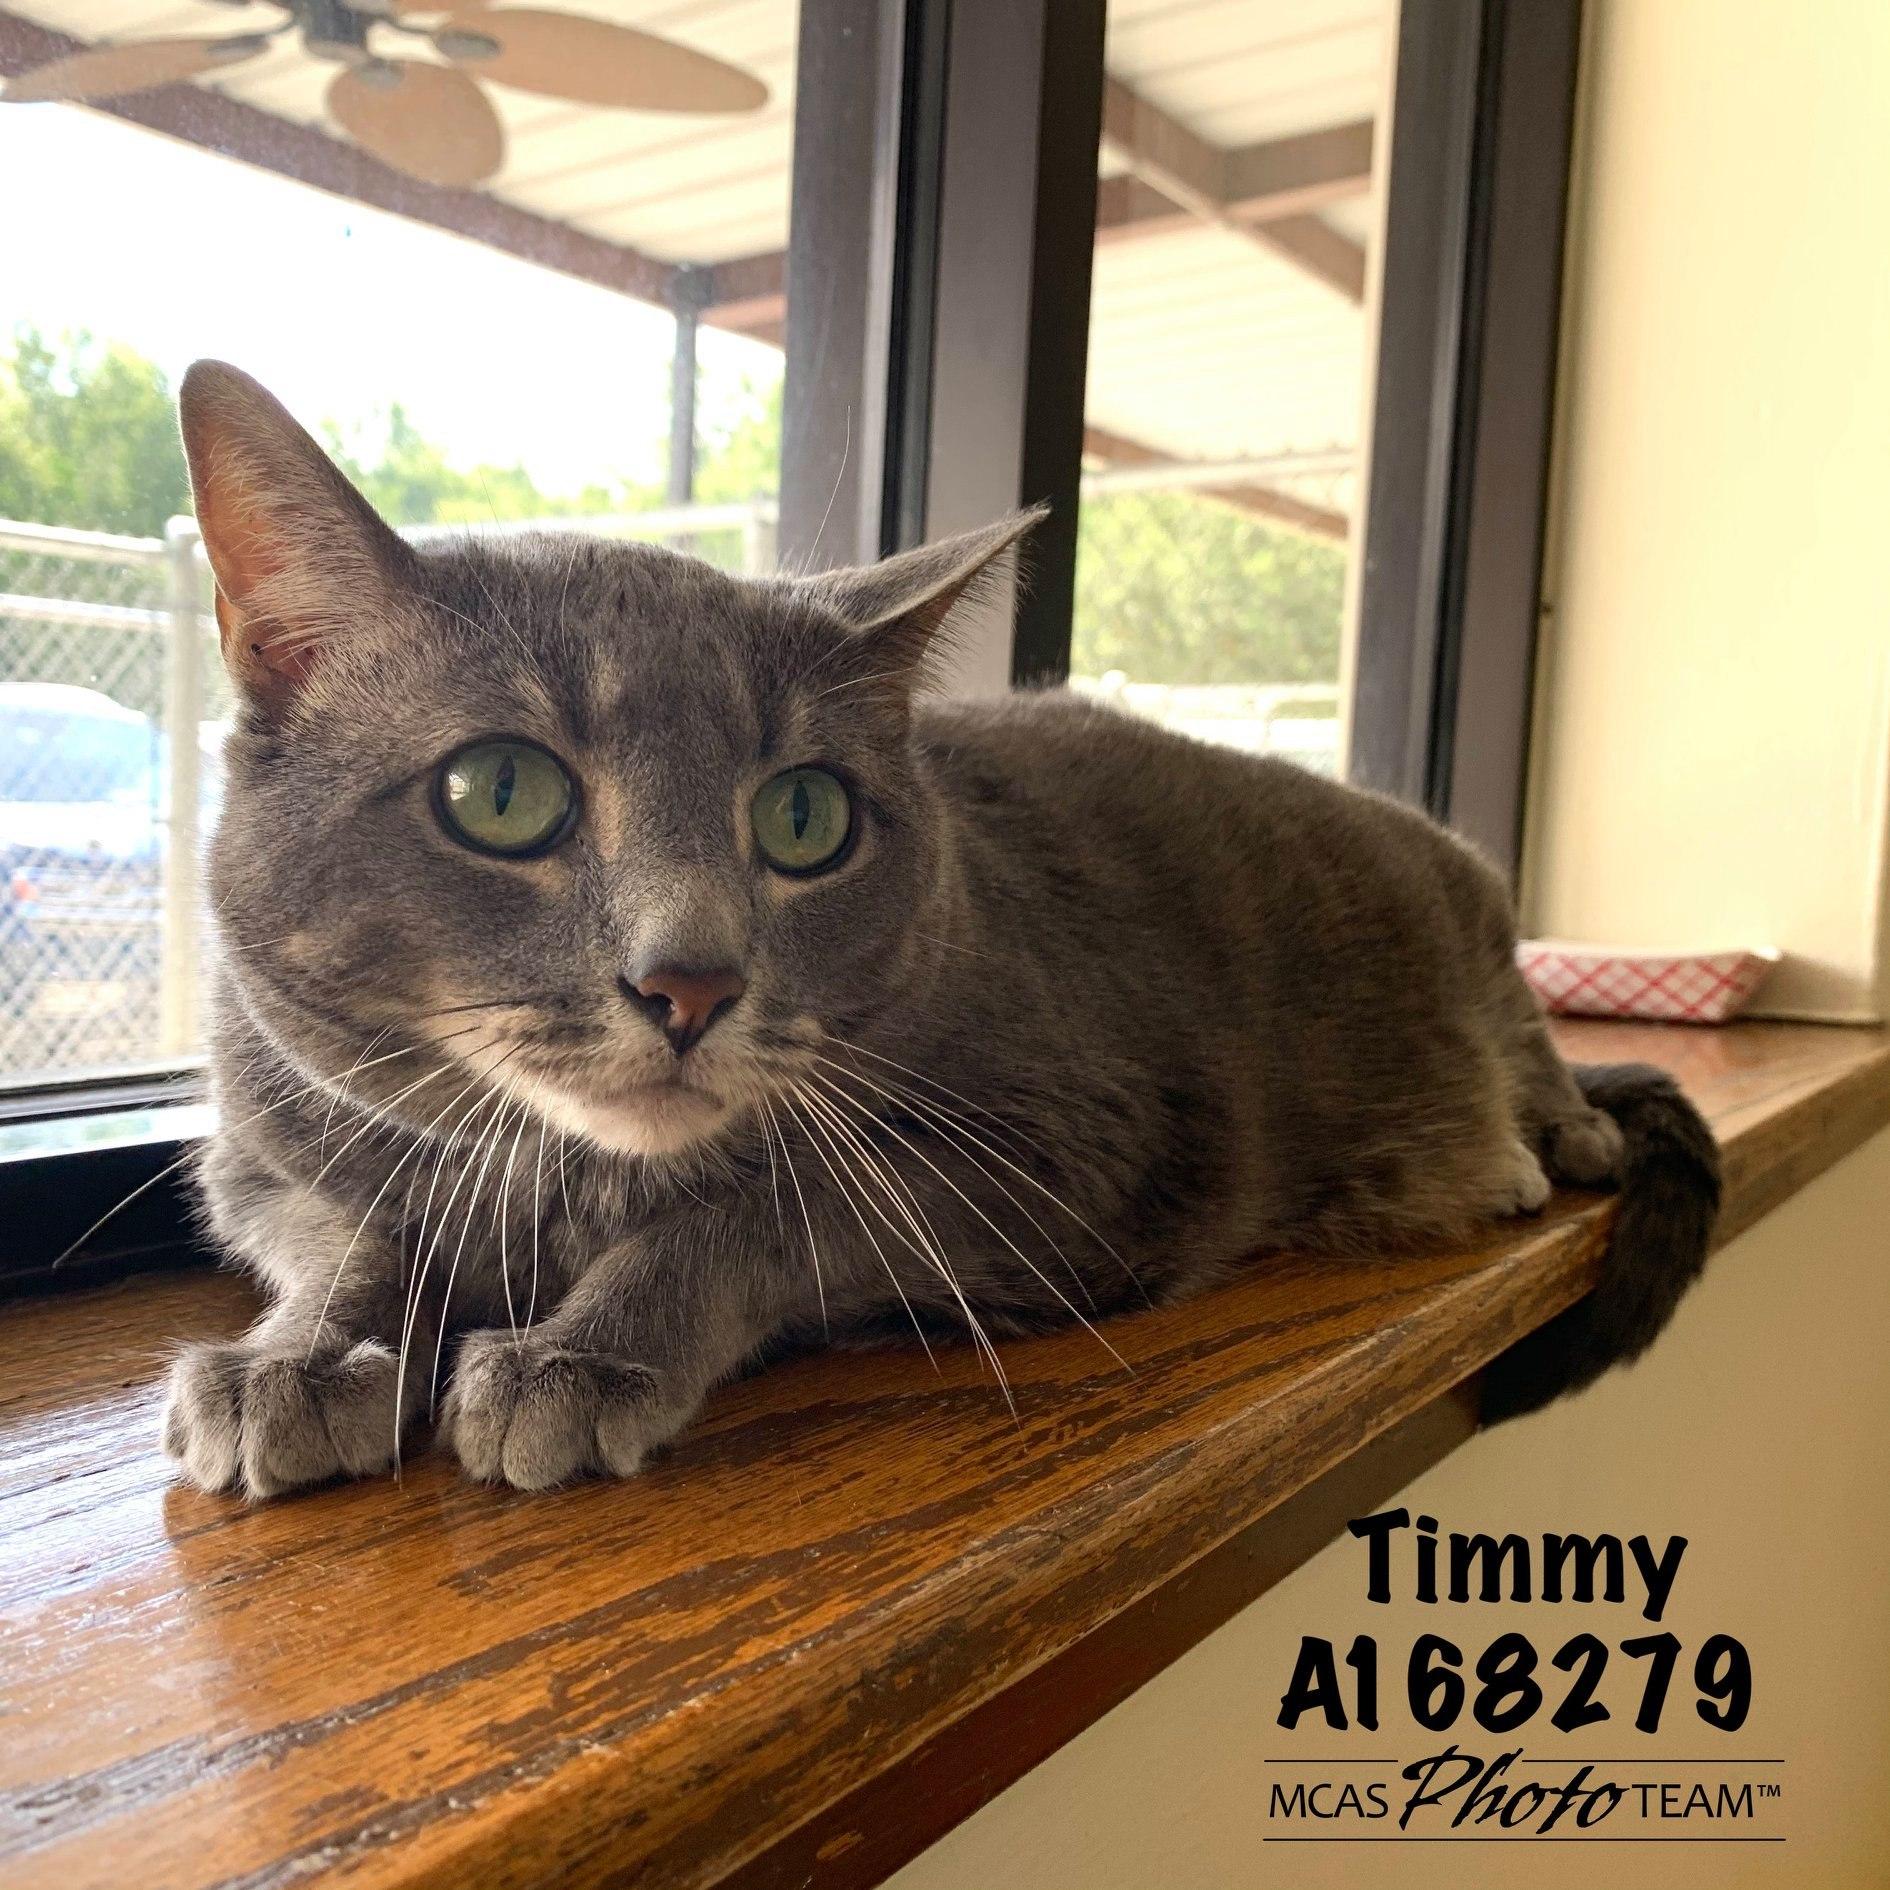 Timmy, ID: A168279